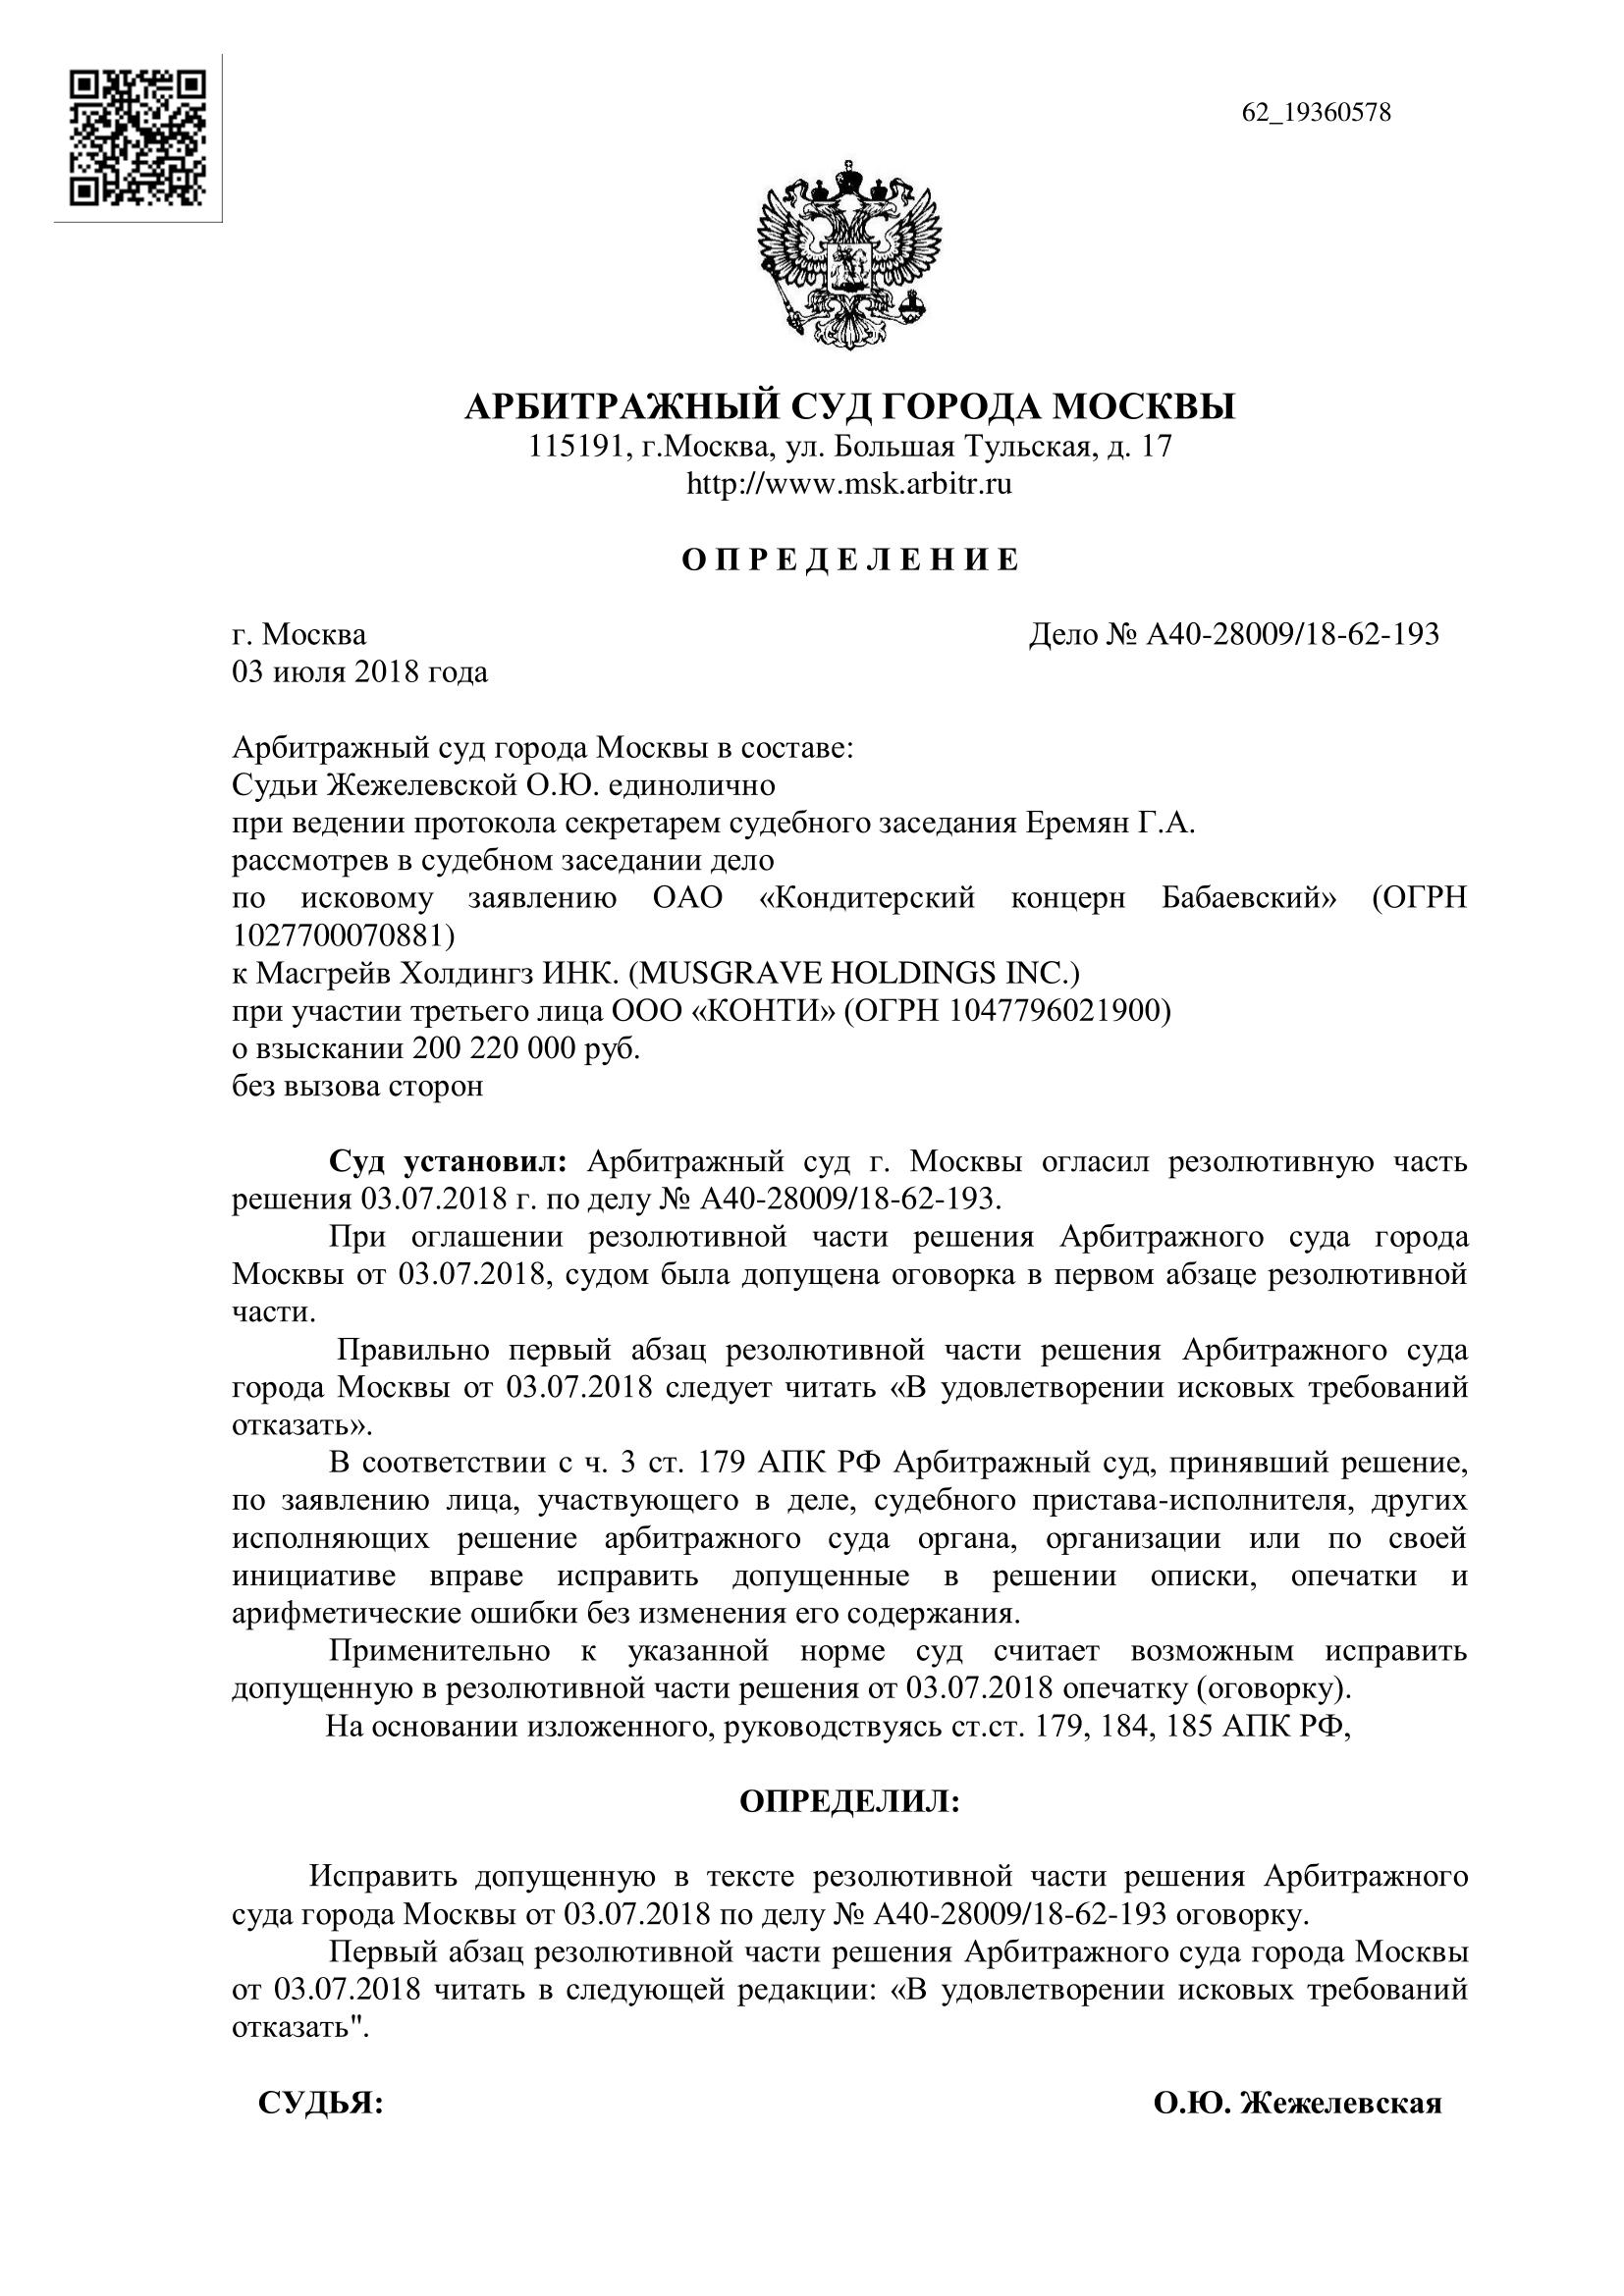 A40-28009-2018_20180703_Opredelenie-1